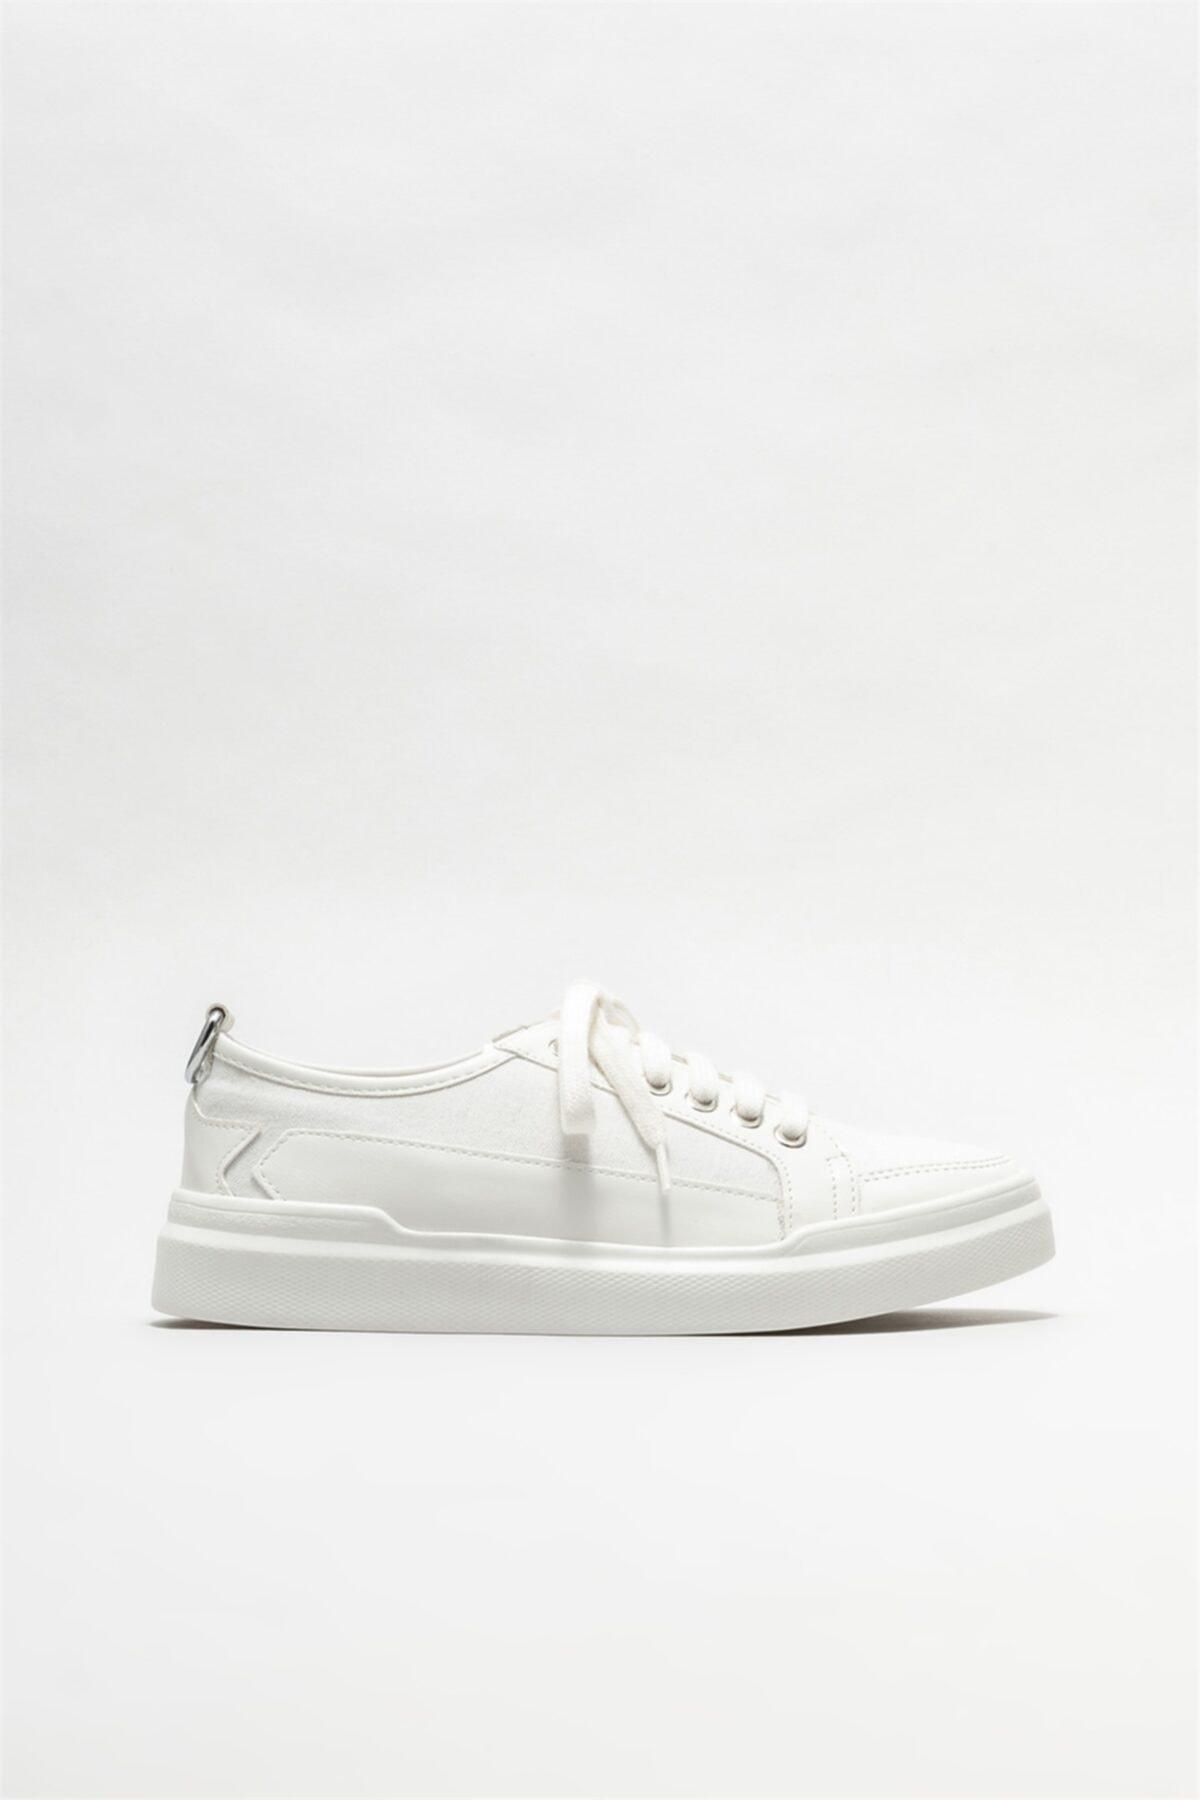 Beyaz Kadın Spor Ayakkabı